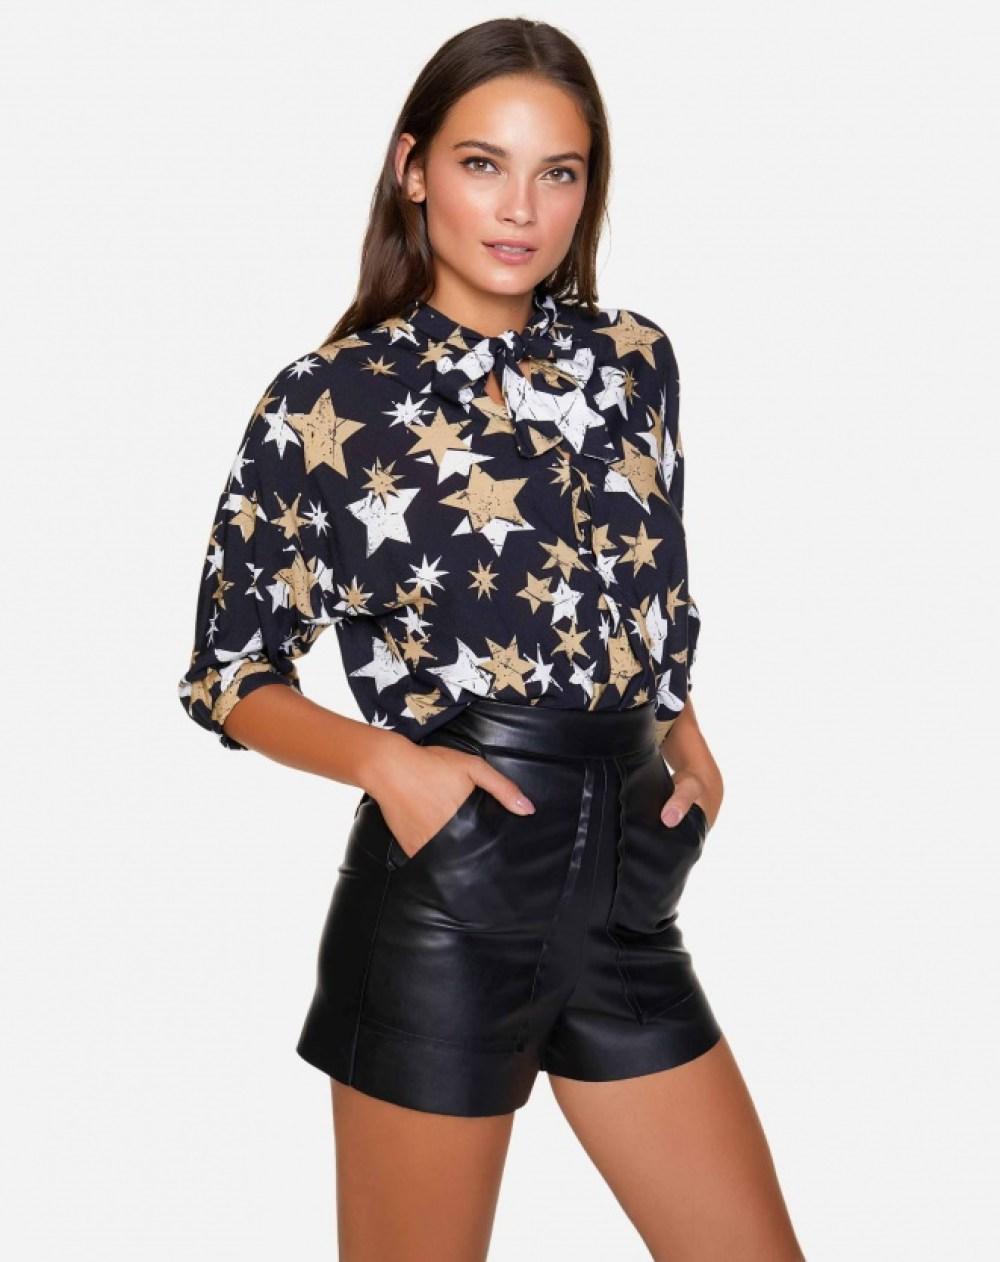 Camisa de estrelas da Amaro - Carol Doria